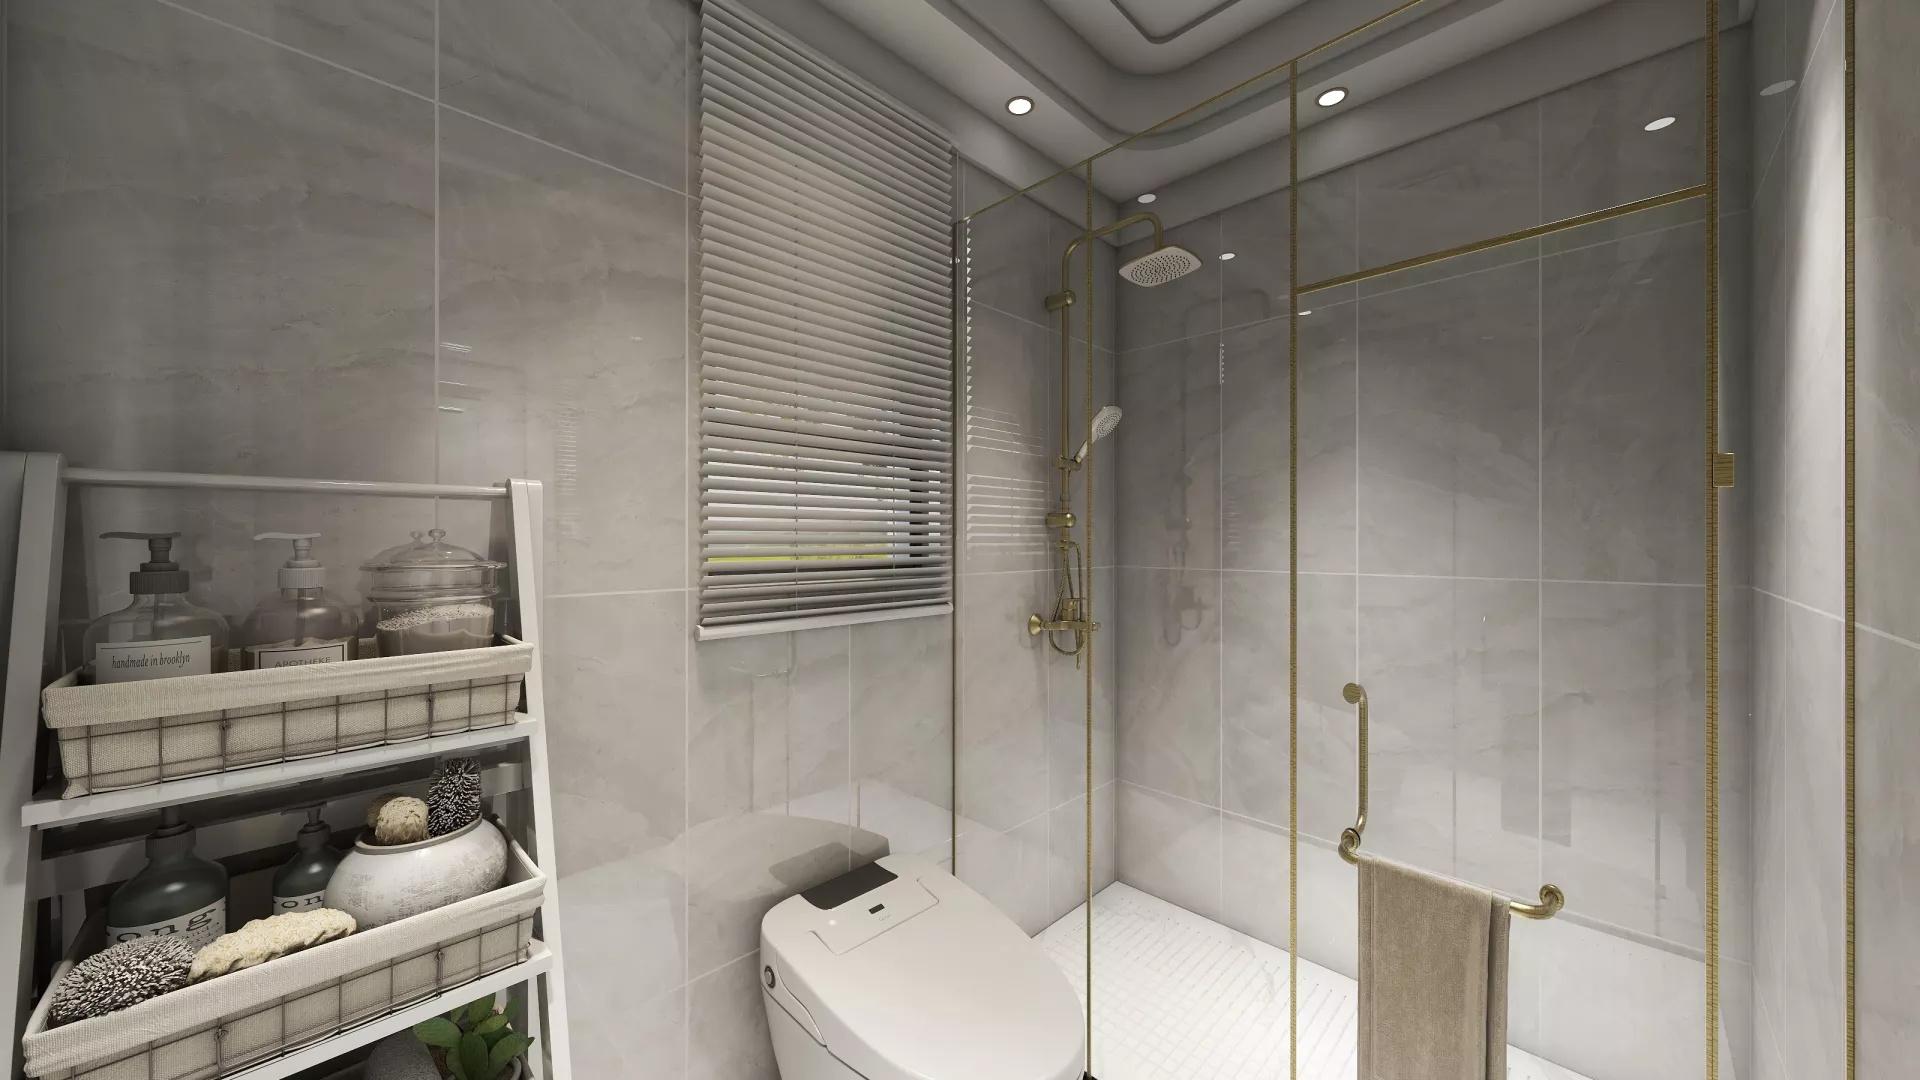 现代审美新中式简雅范客厅装修效果图